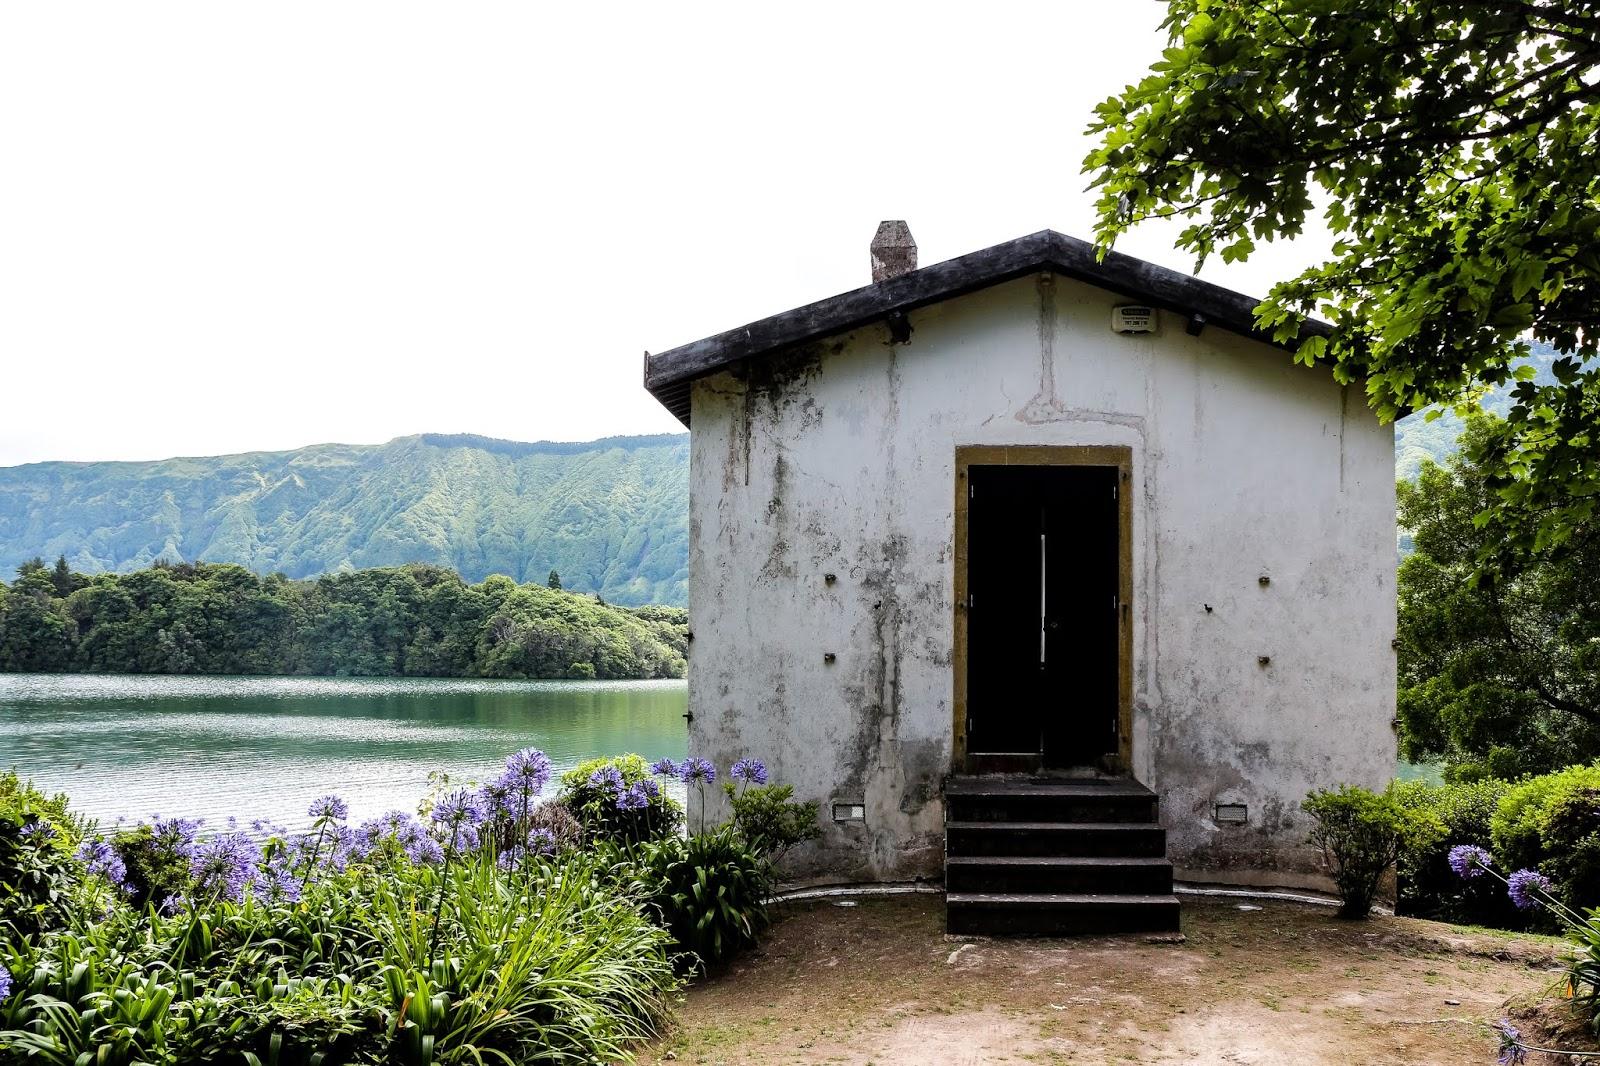 Azoren Teil 1: Casa dos Barcos - unser Haus am See | MINTUNDMEER